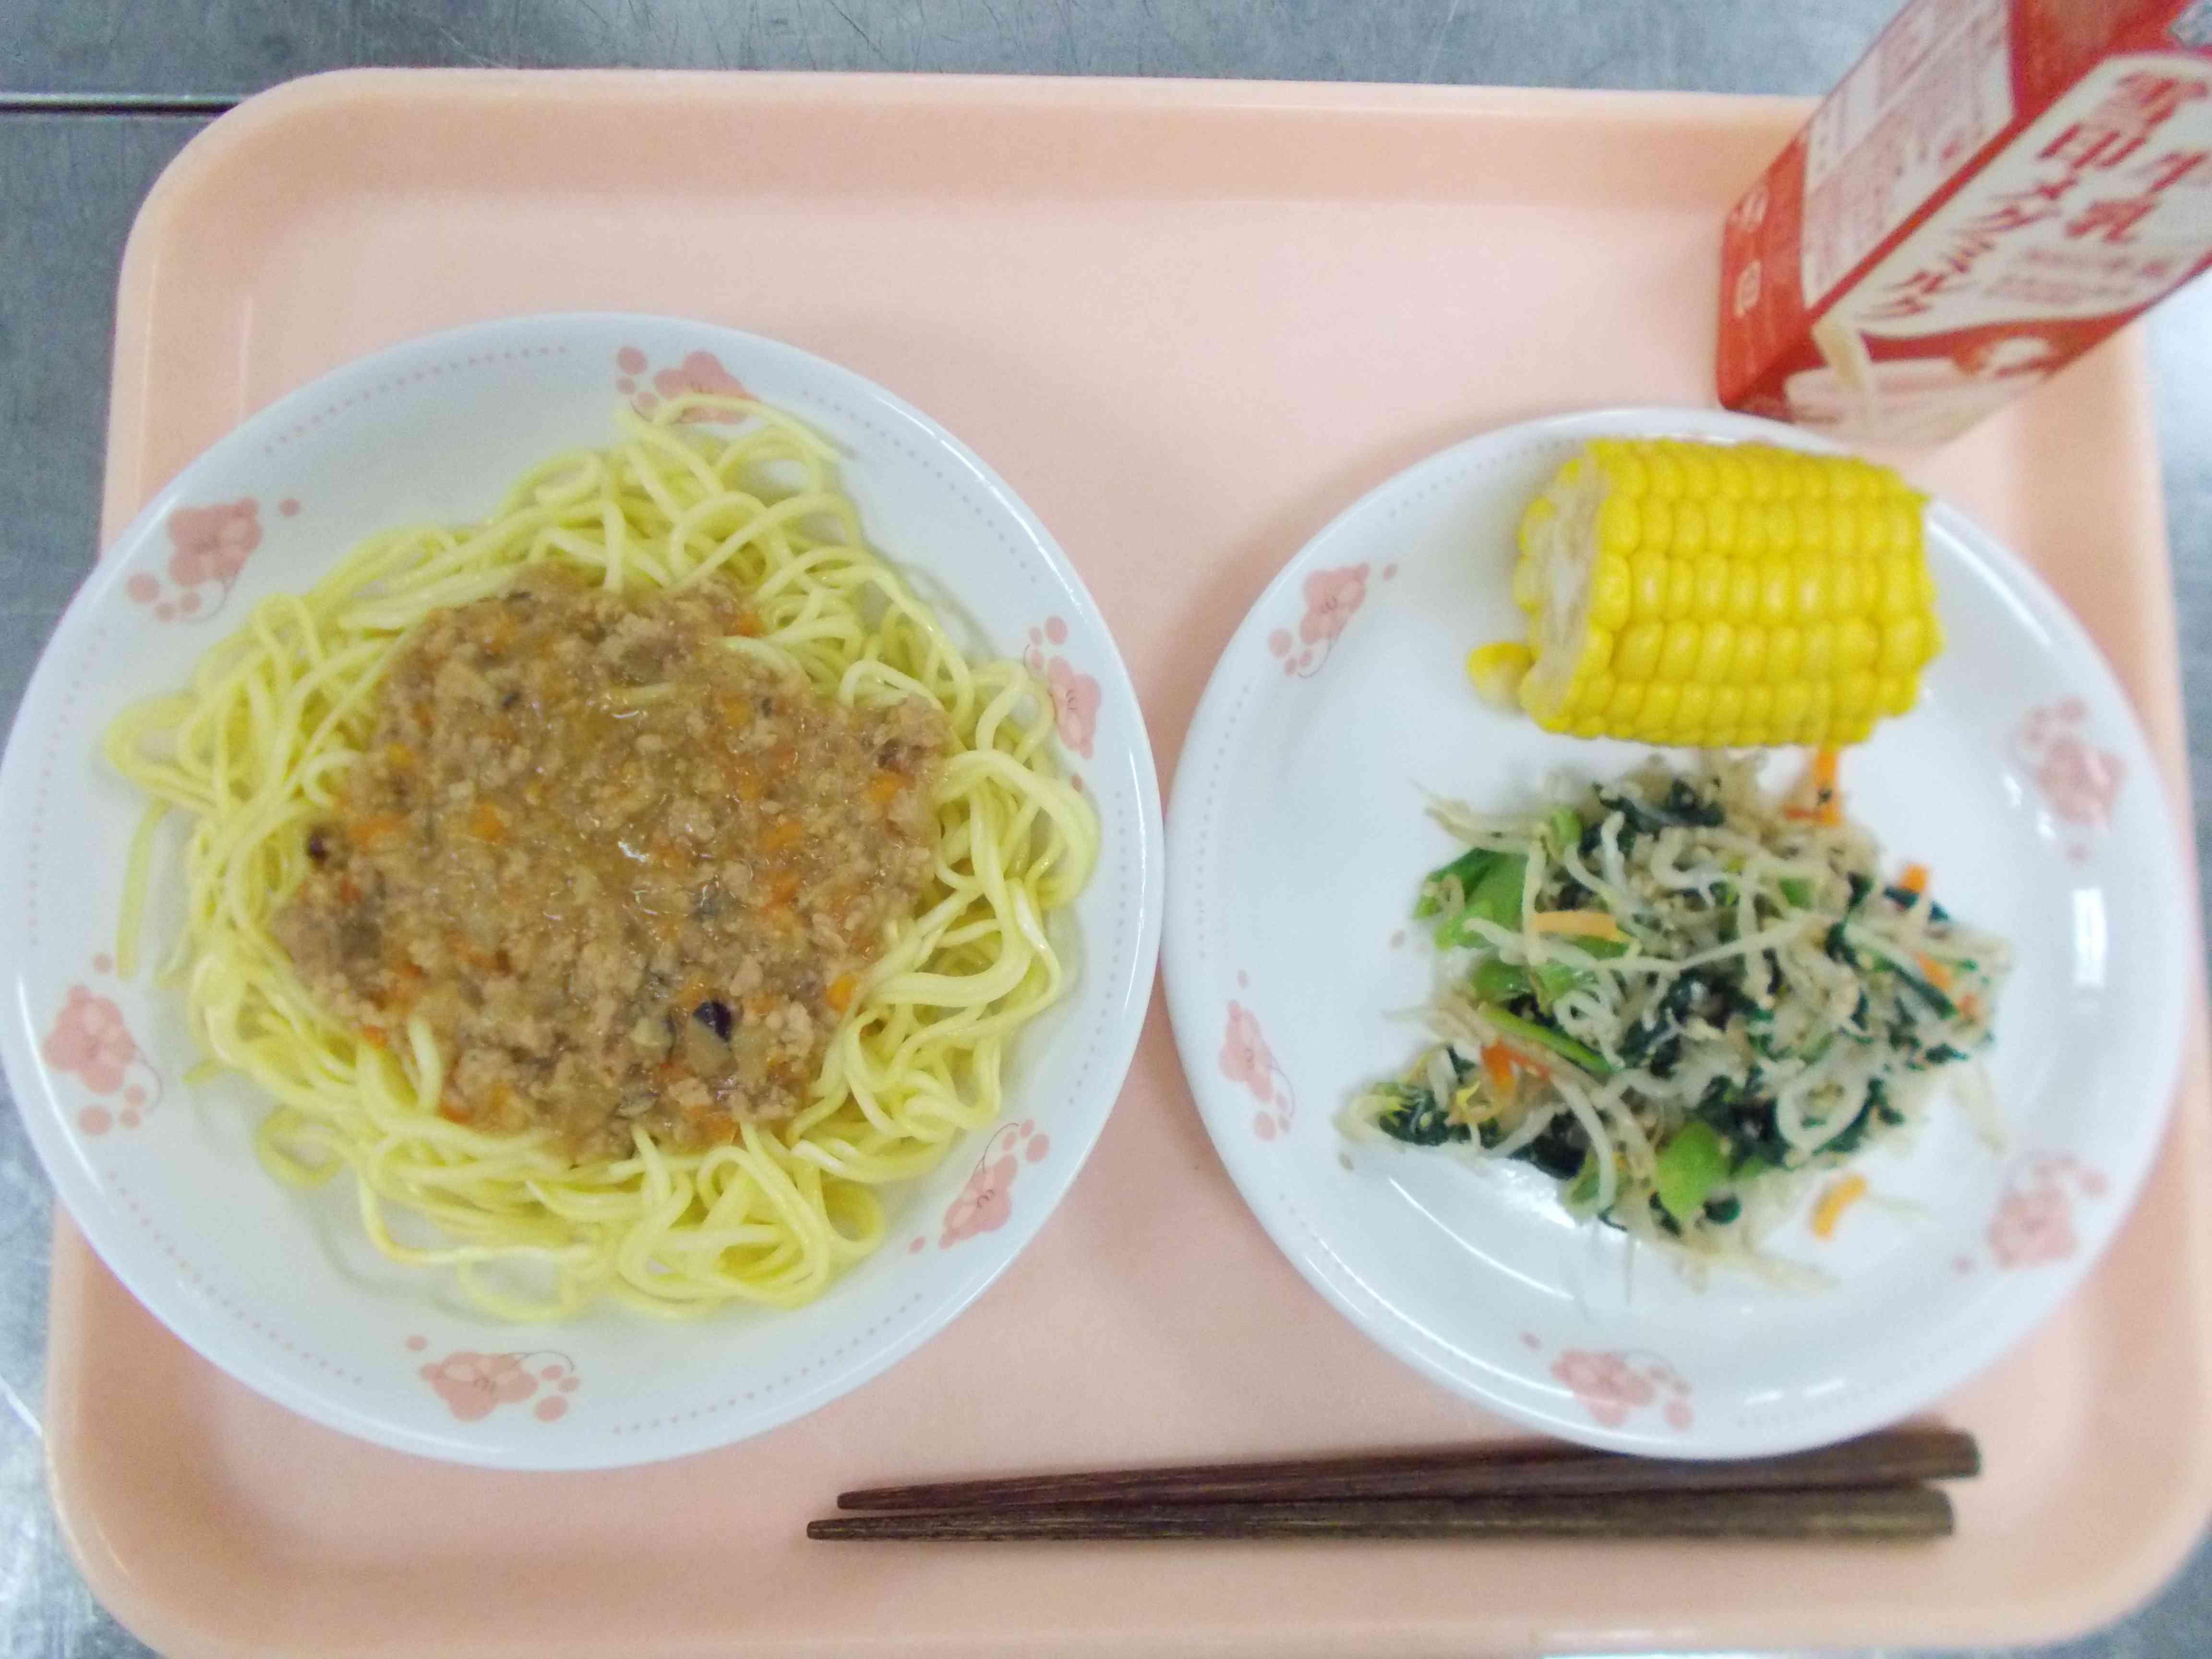 7月4日(とうもろこし皮むき)の給食.JPG